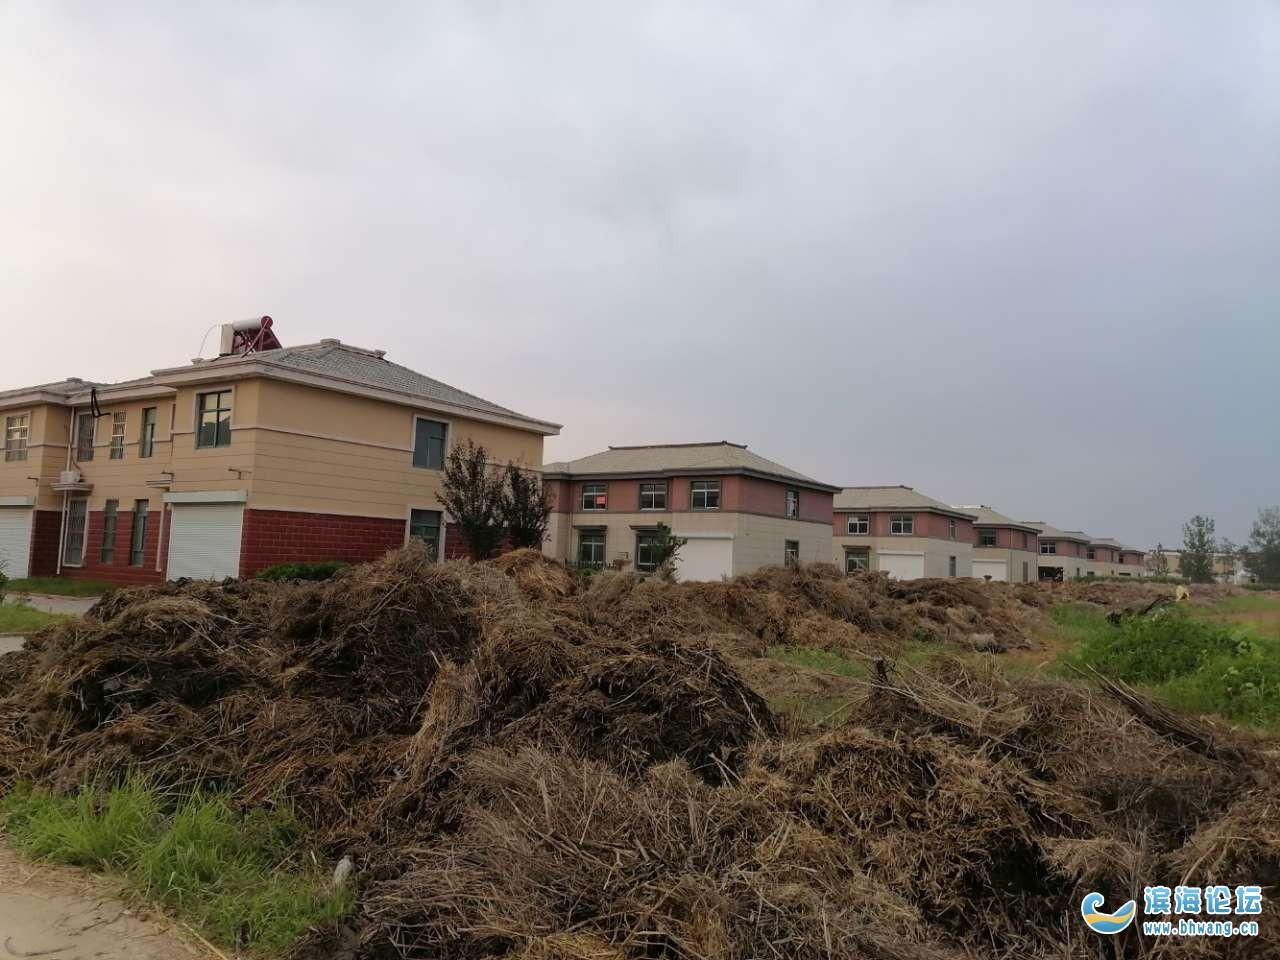 滨海港经济区友谊小区居民吃了多少年的地下水